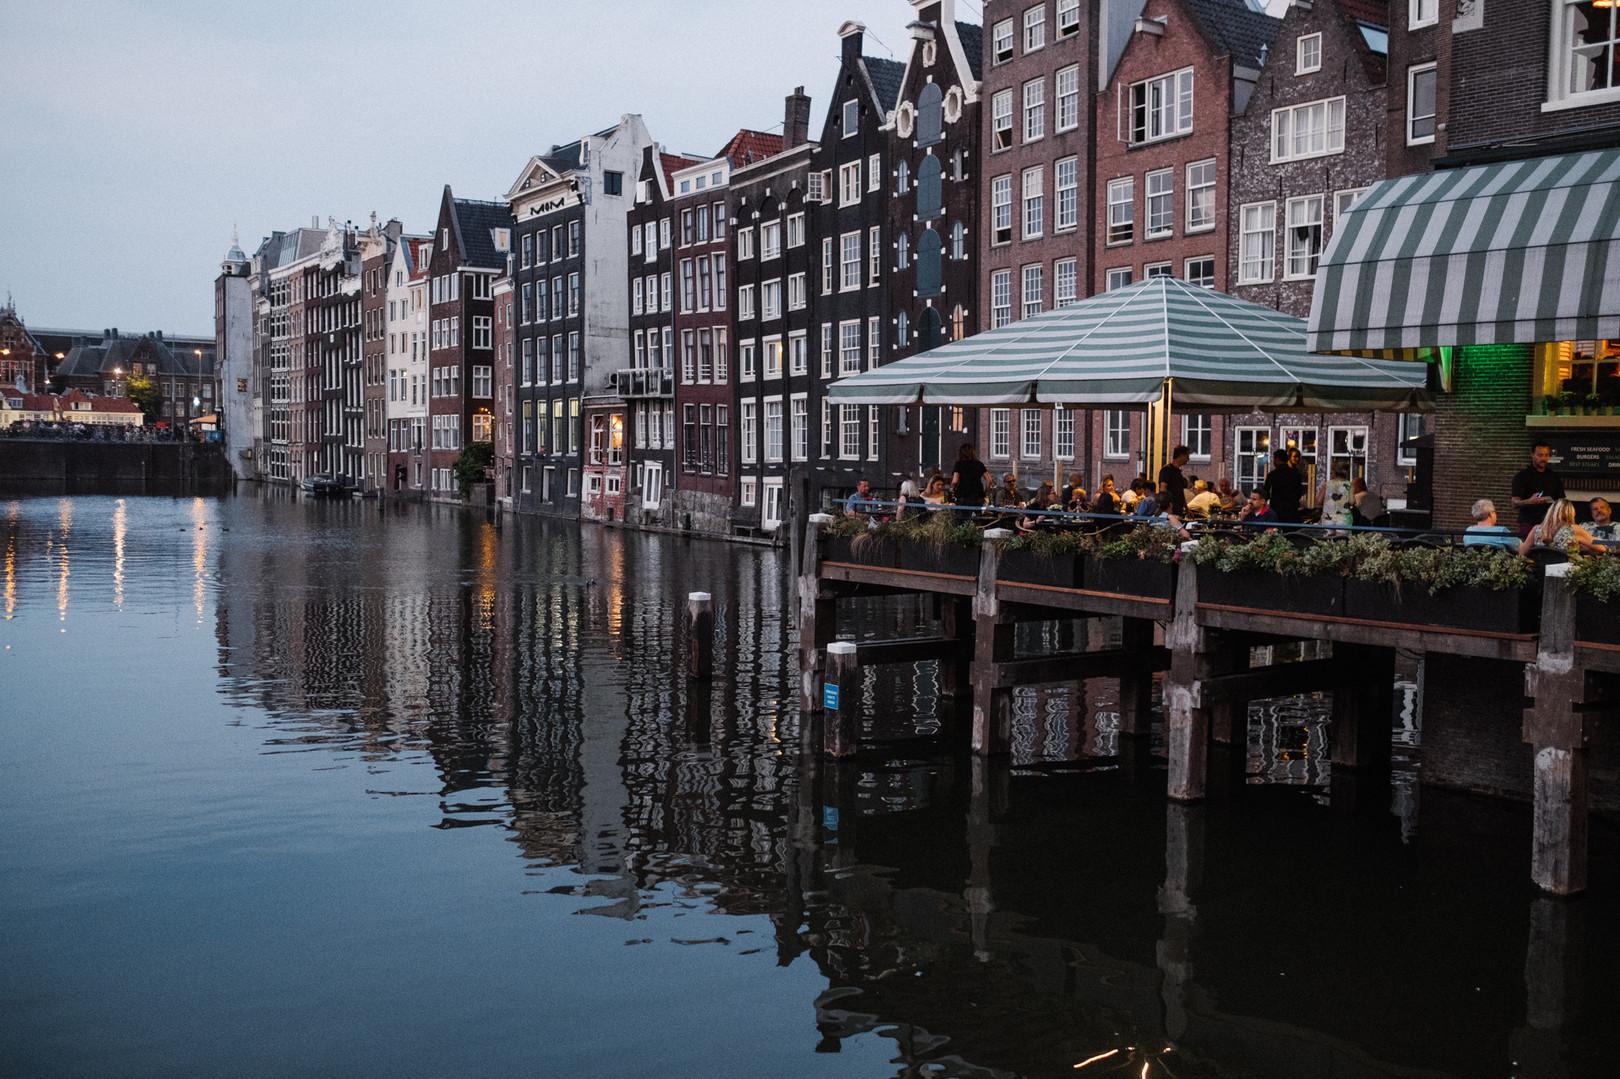 Amsterdam_AlexKleis (45 von 47).jpg